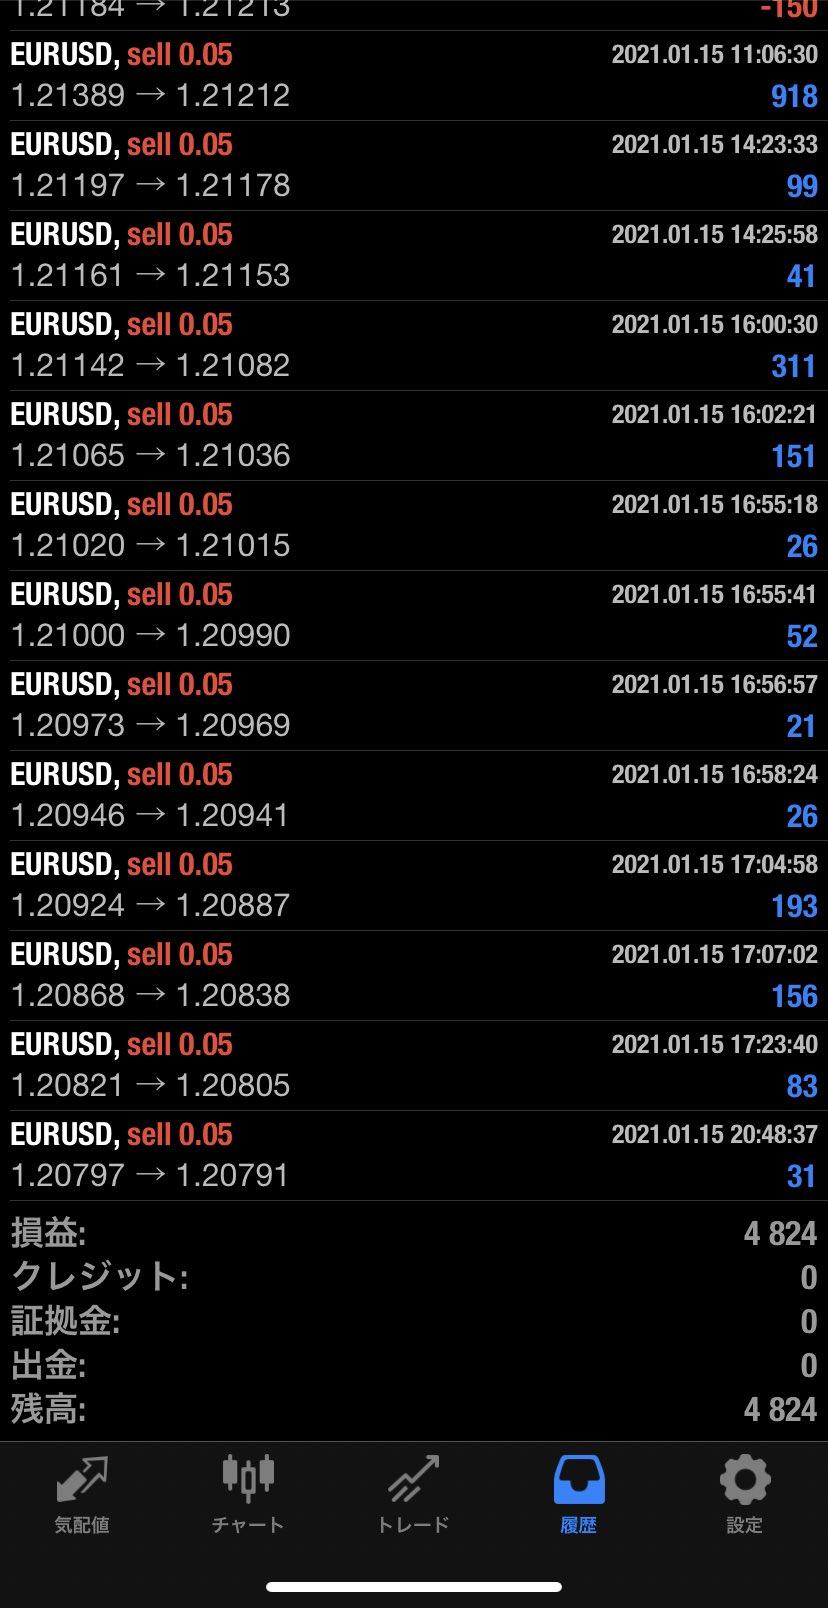 2021年1月15日 EUR/USDバージョン4,824円